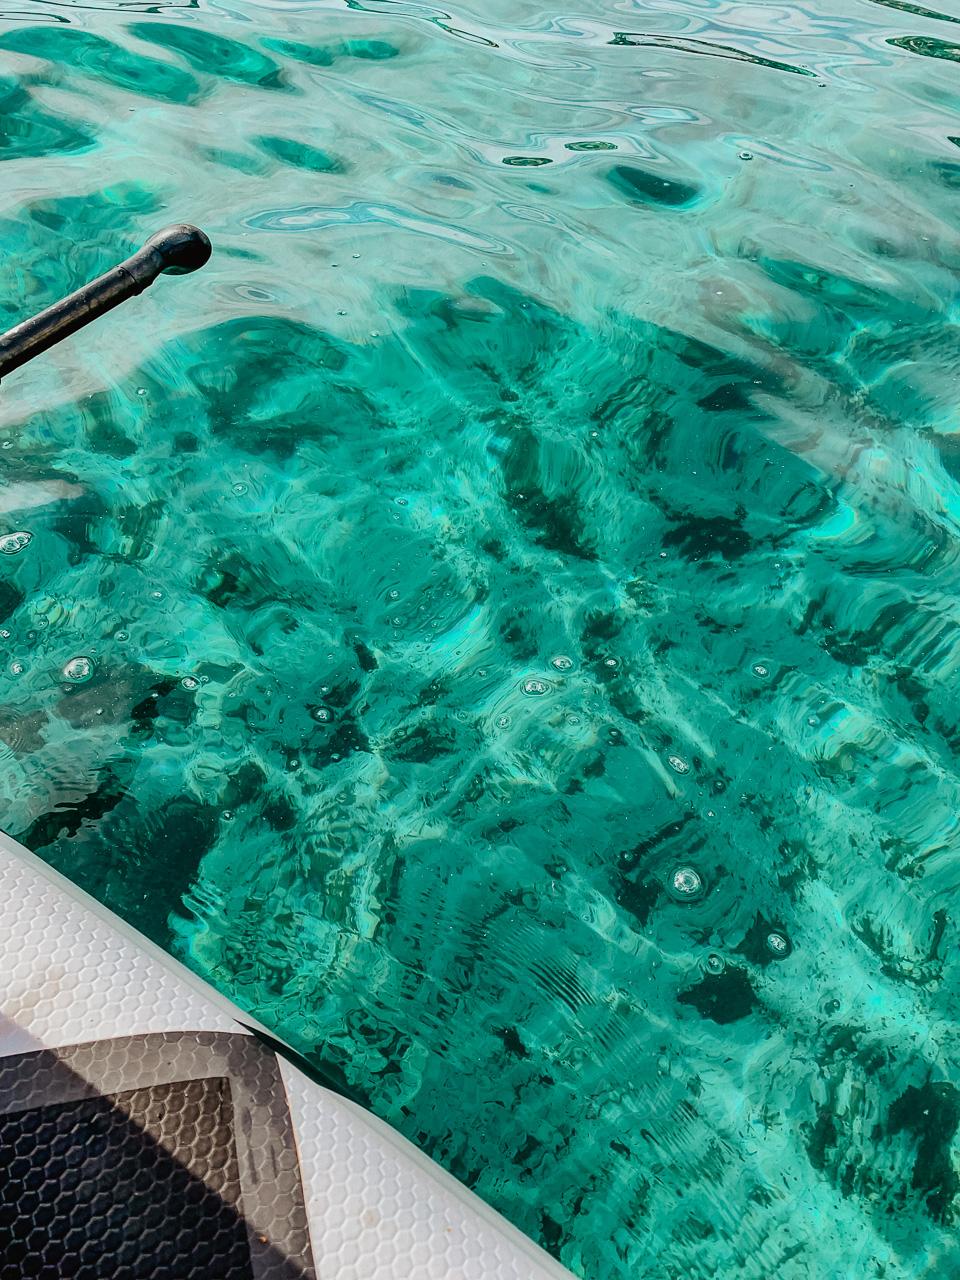 Guide pratique des meilleurs spots de paddle de la Côte d'Azur, de Menton à Cannes, en passant par les iles de Lerins, Saint-Jean Cap-Ferrat, Villefranche sur mer et le Cap d'Antibes ! Avec conseils de mise à l'eau et itinéraires - Kallisteha, voyages et vérités